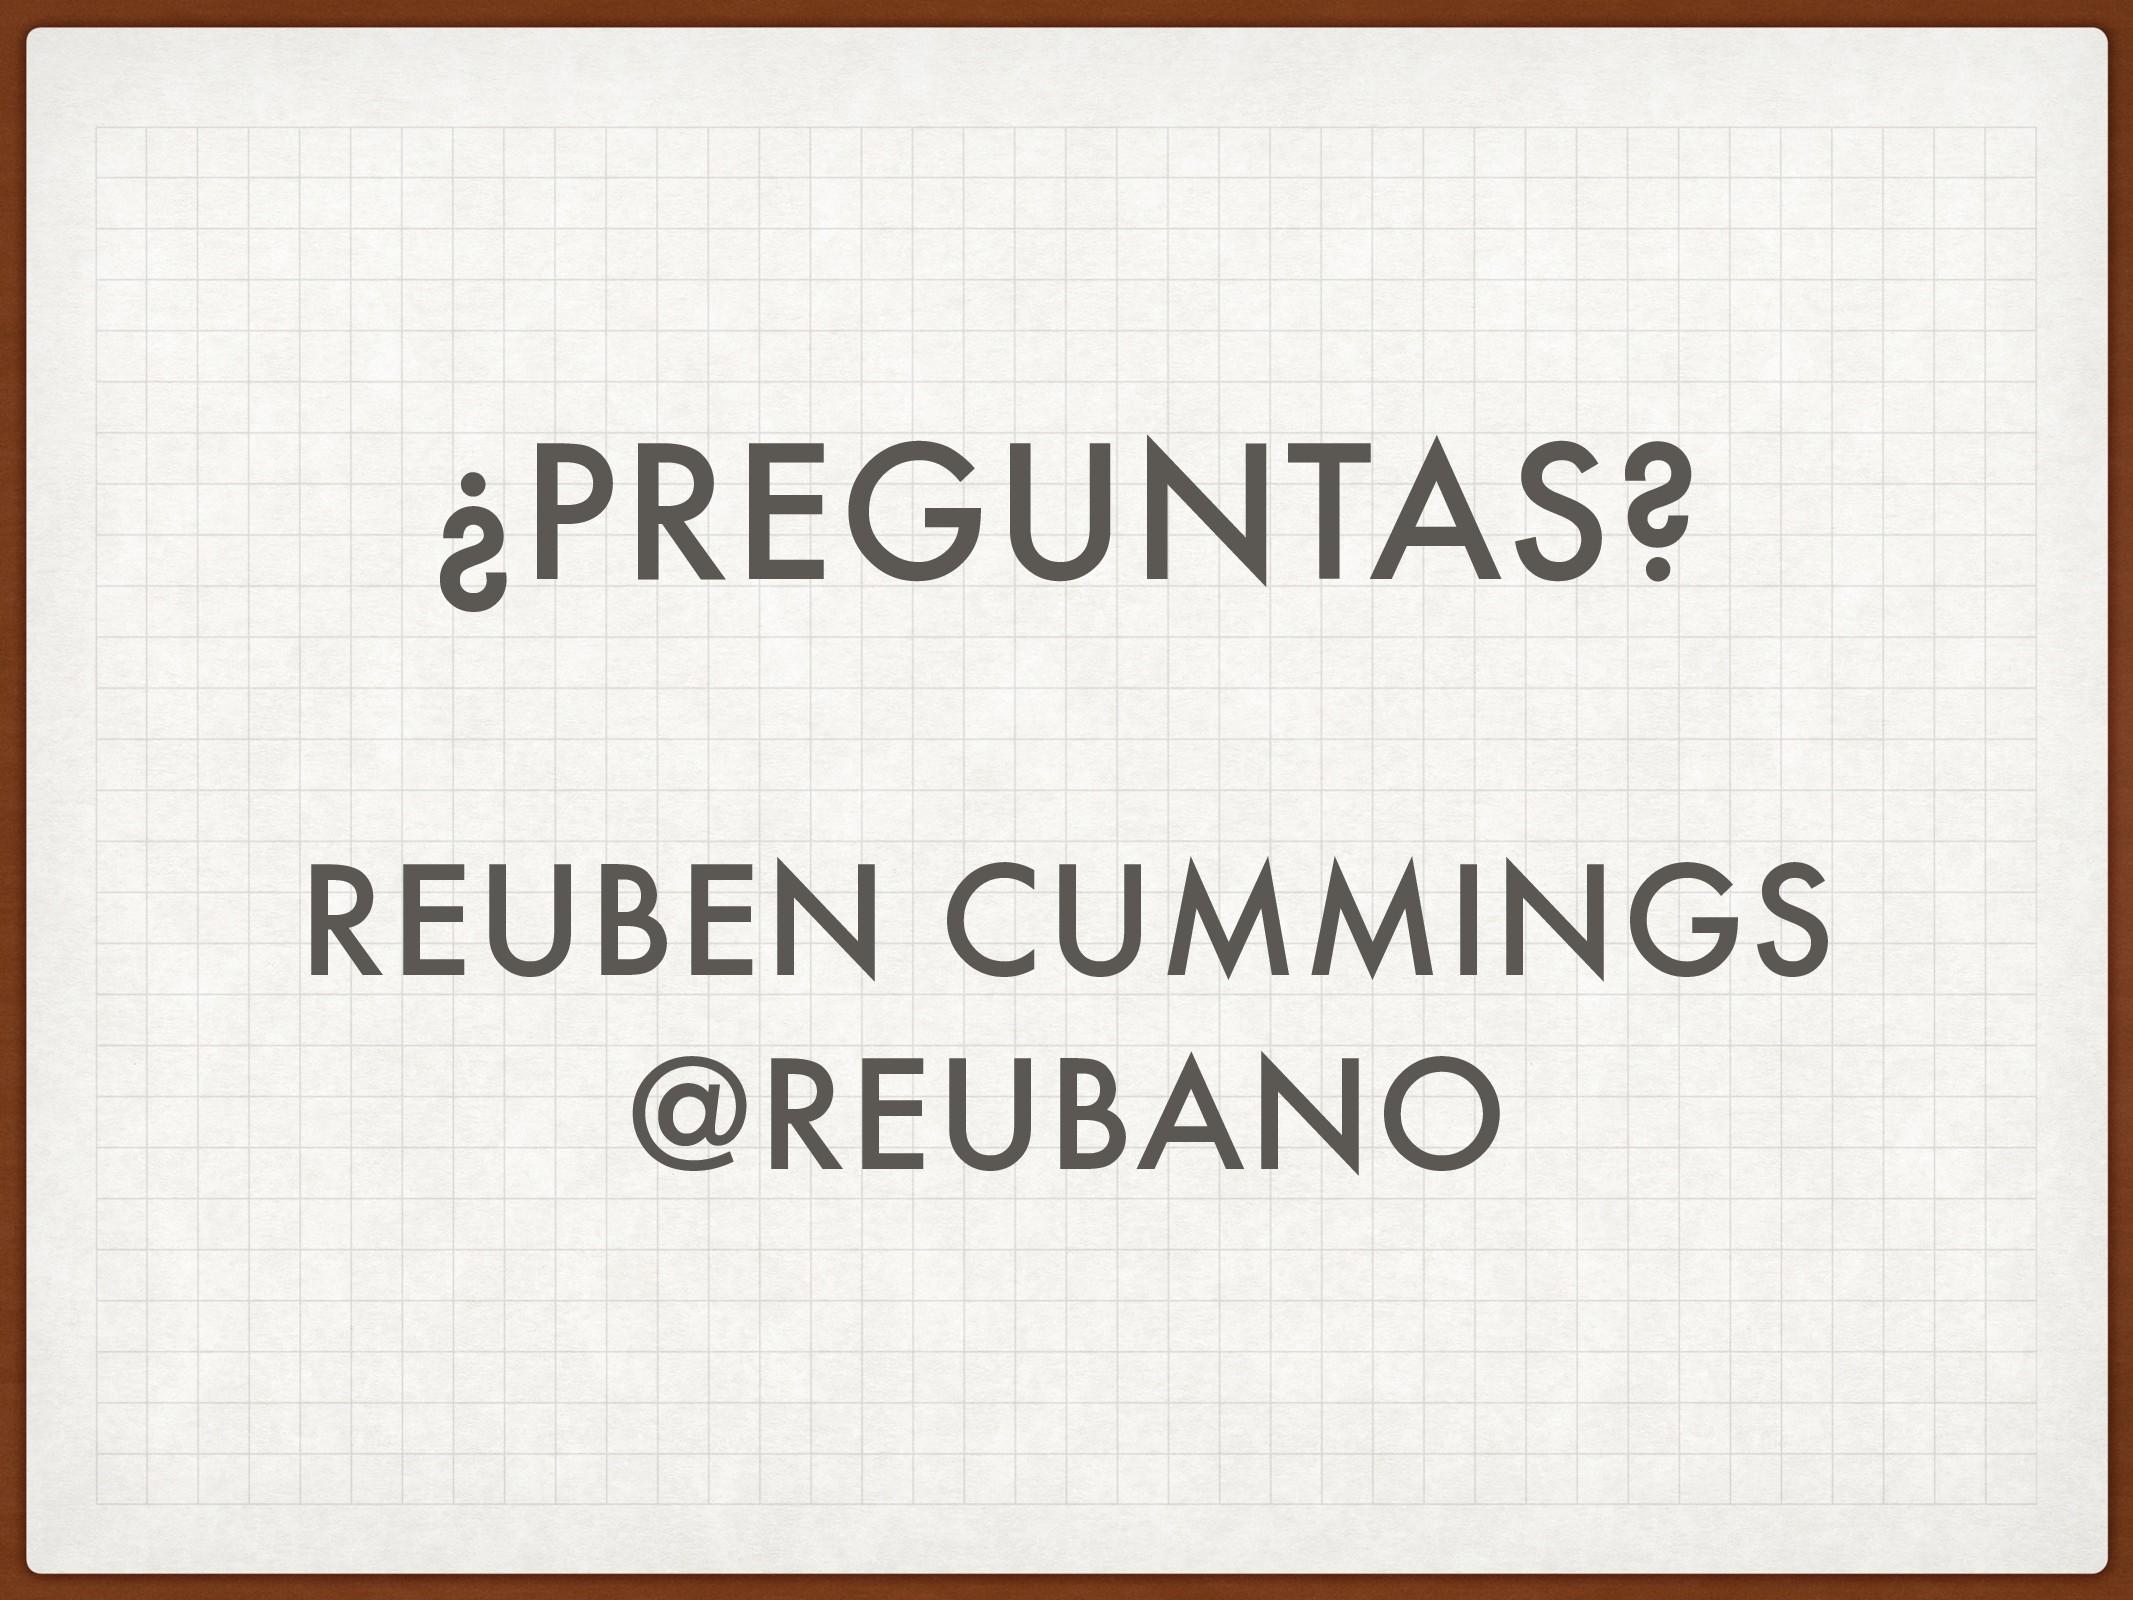 ¿PREGUNTAS? REUBEN CUMMINGS @REUBANO